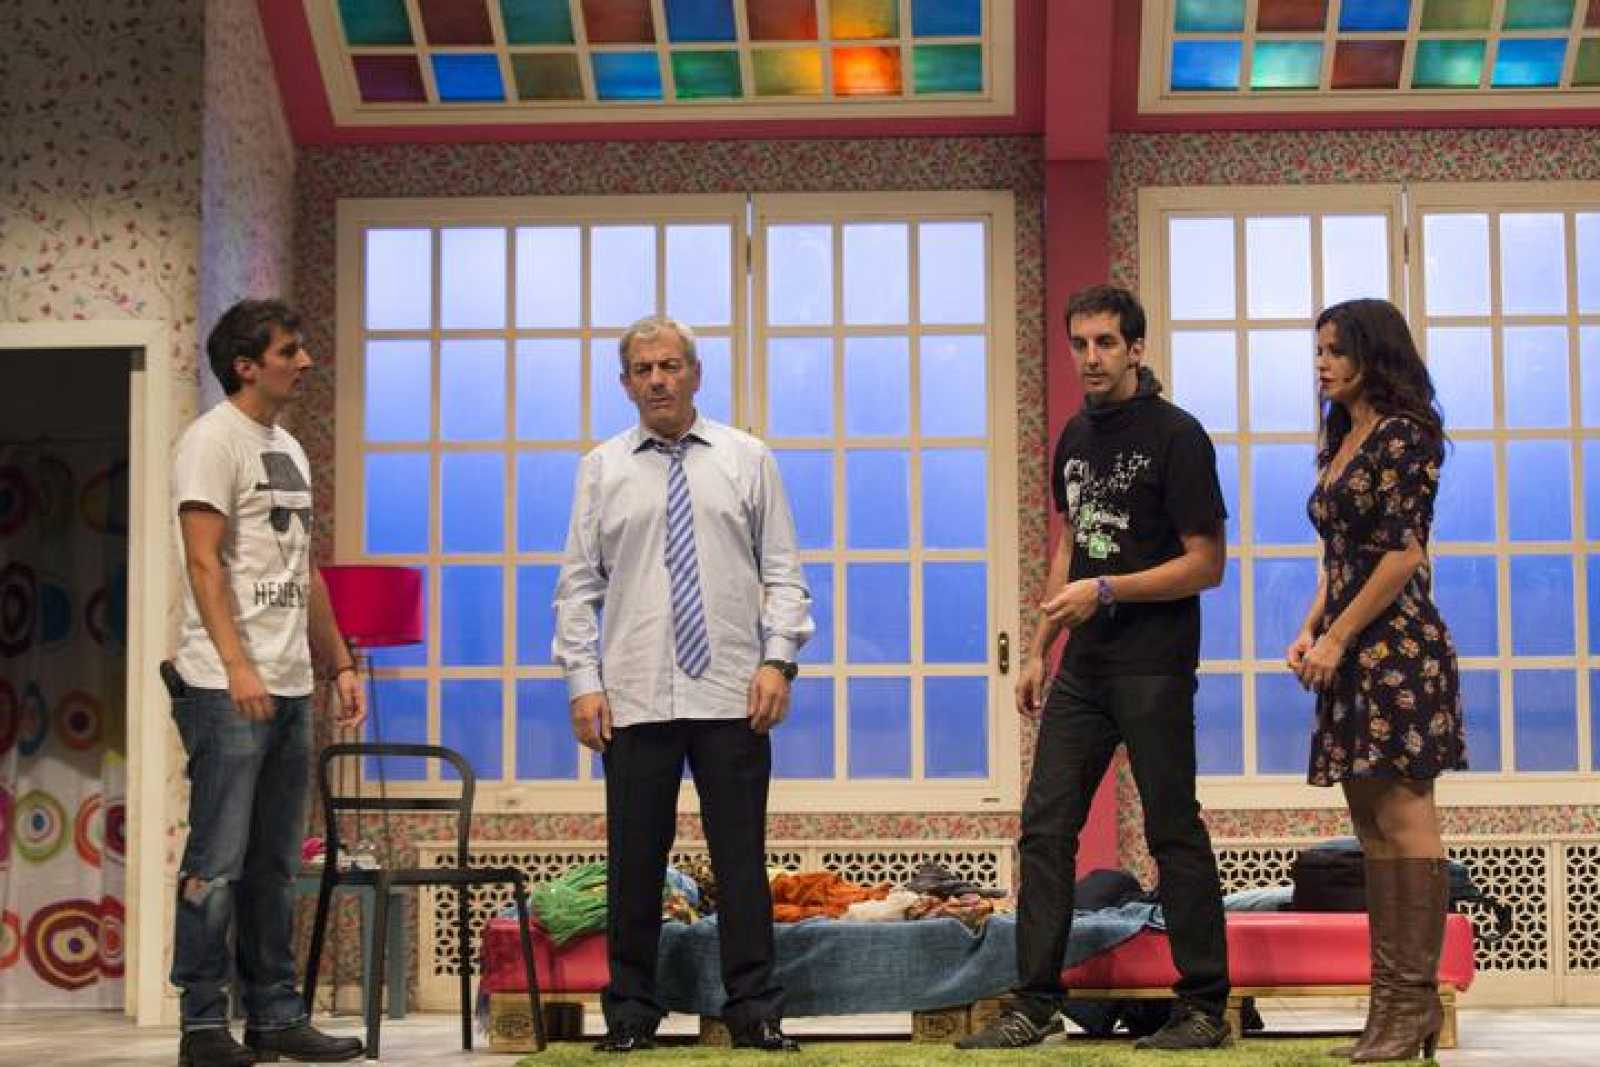 Carlos Sobera, Marta Torné, Javier Antón y Guillermo Ortega protagonizan 'El ministro' de Antonio Prieto, dirigida por Silvestre G.